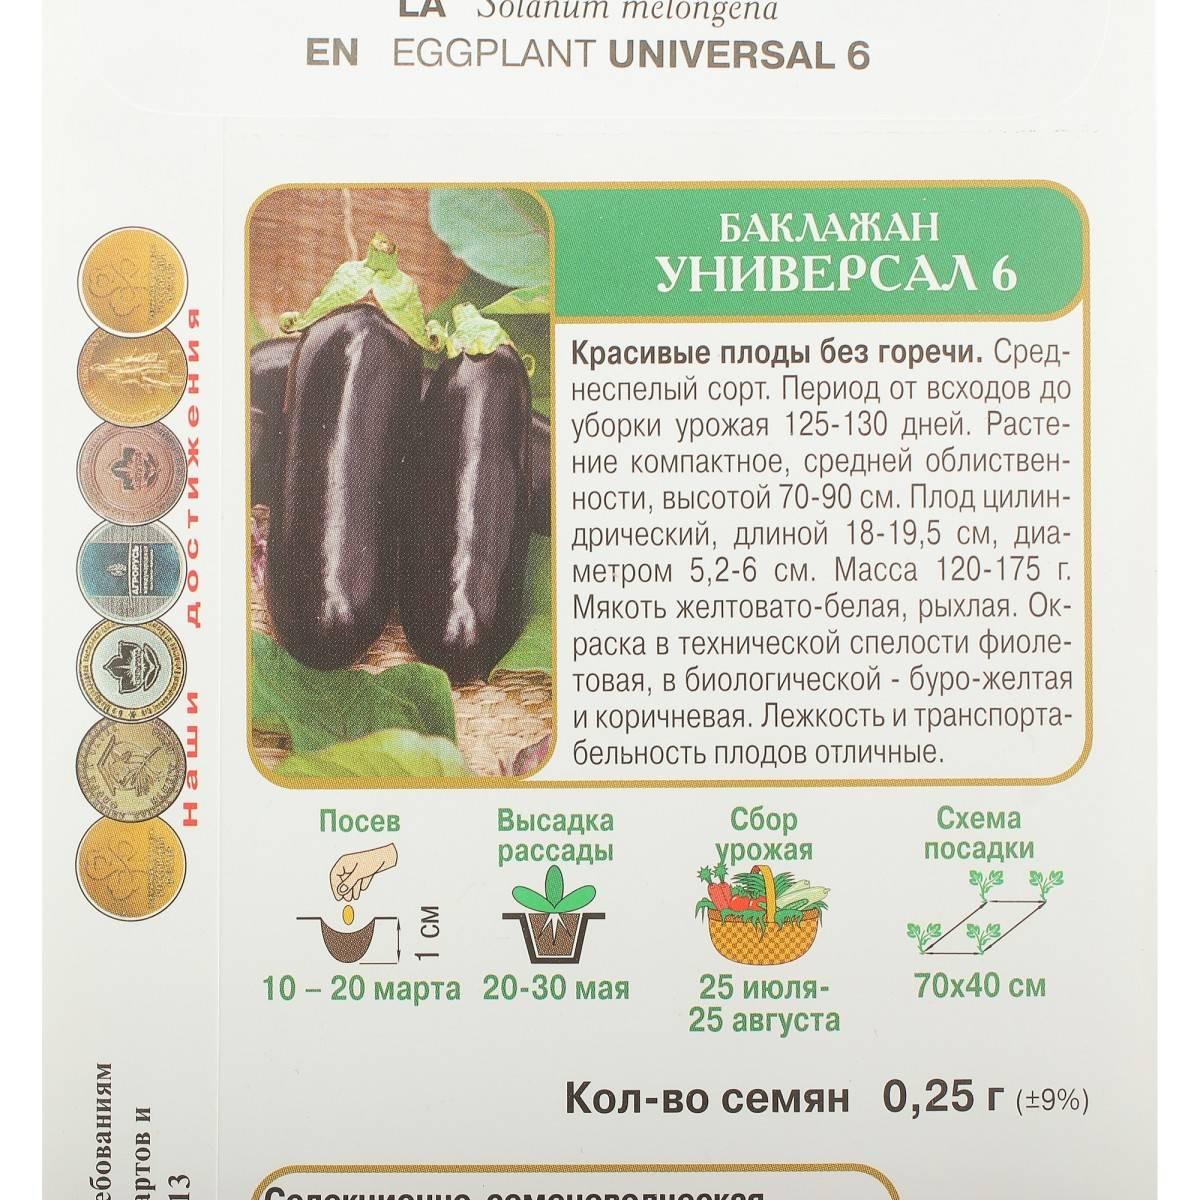 Характеристика баклажана сорта универсал 6 - журнал садовода ryazanameli.ru